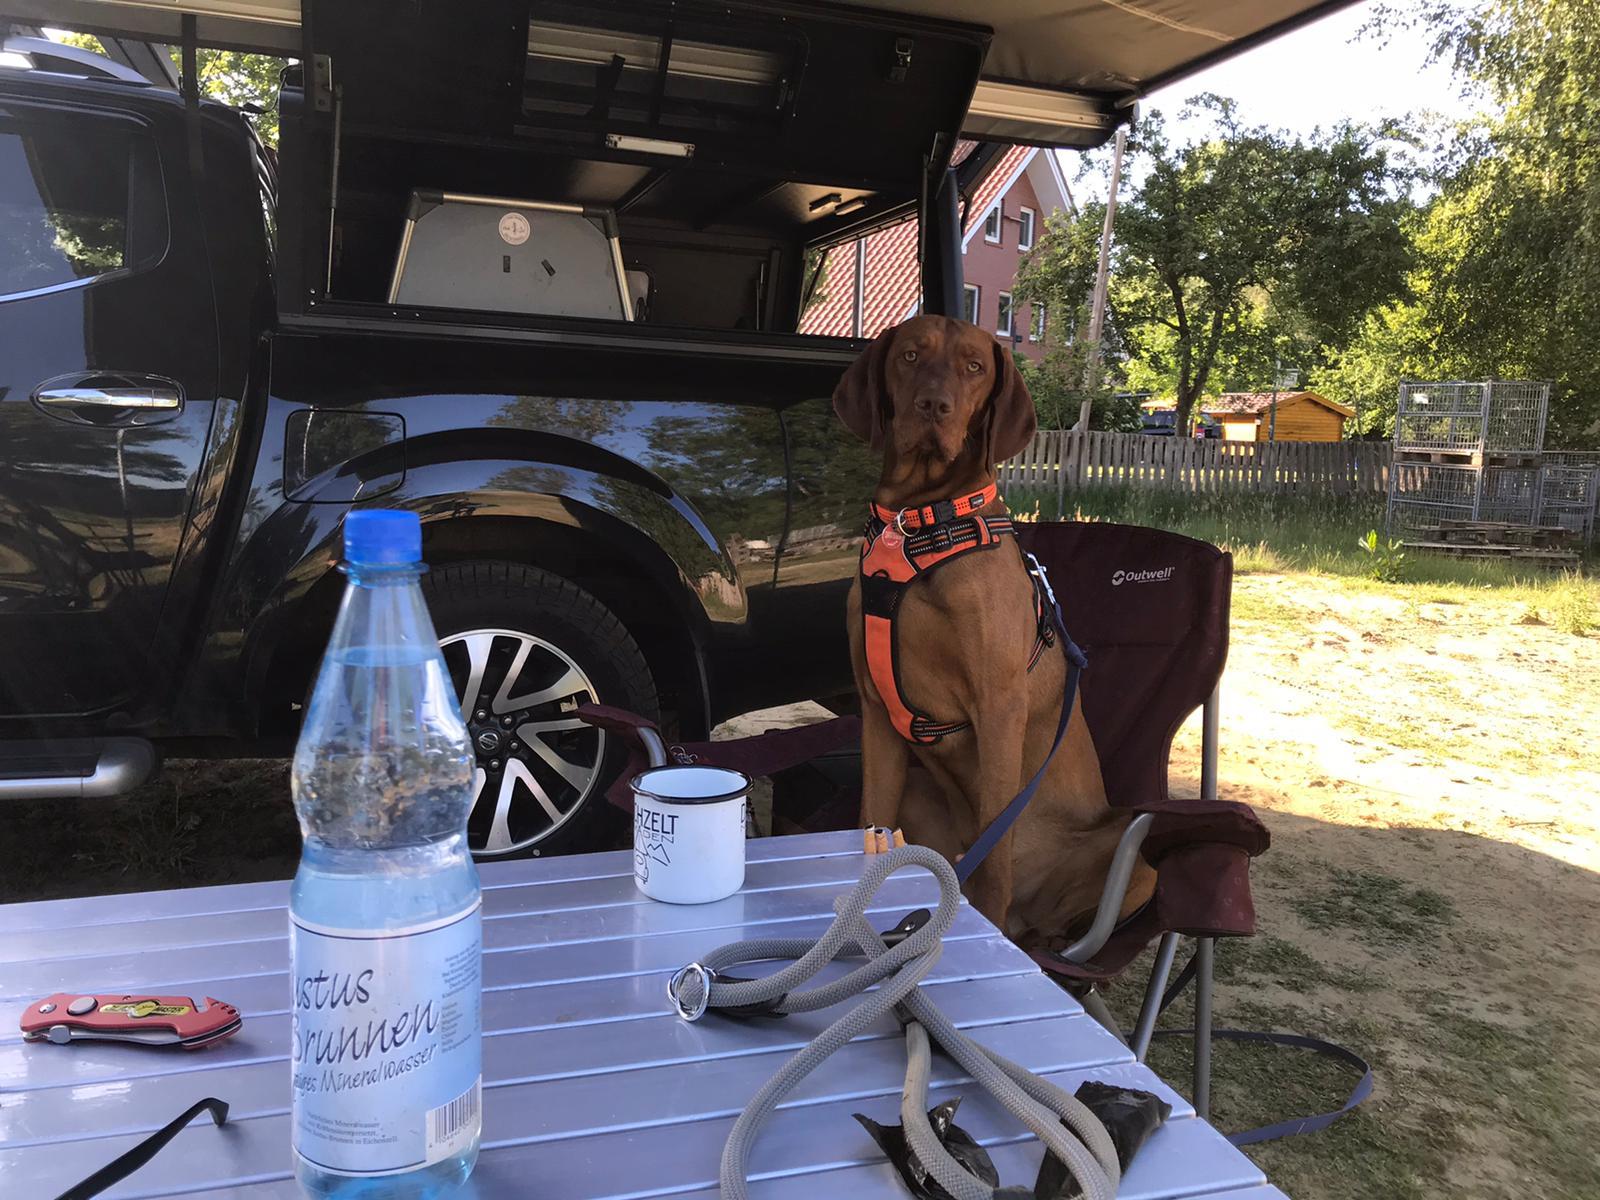 Hund sitzt vor einem Pickup auf einem Campingstuhl